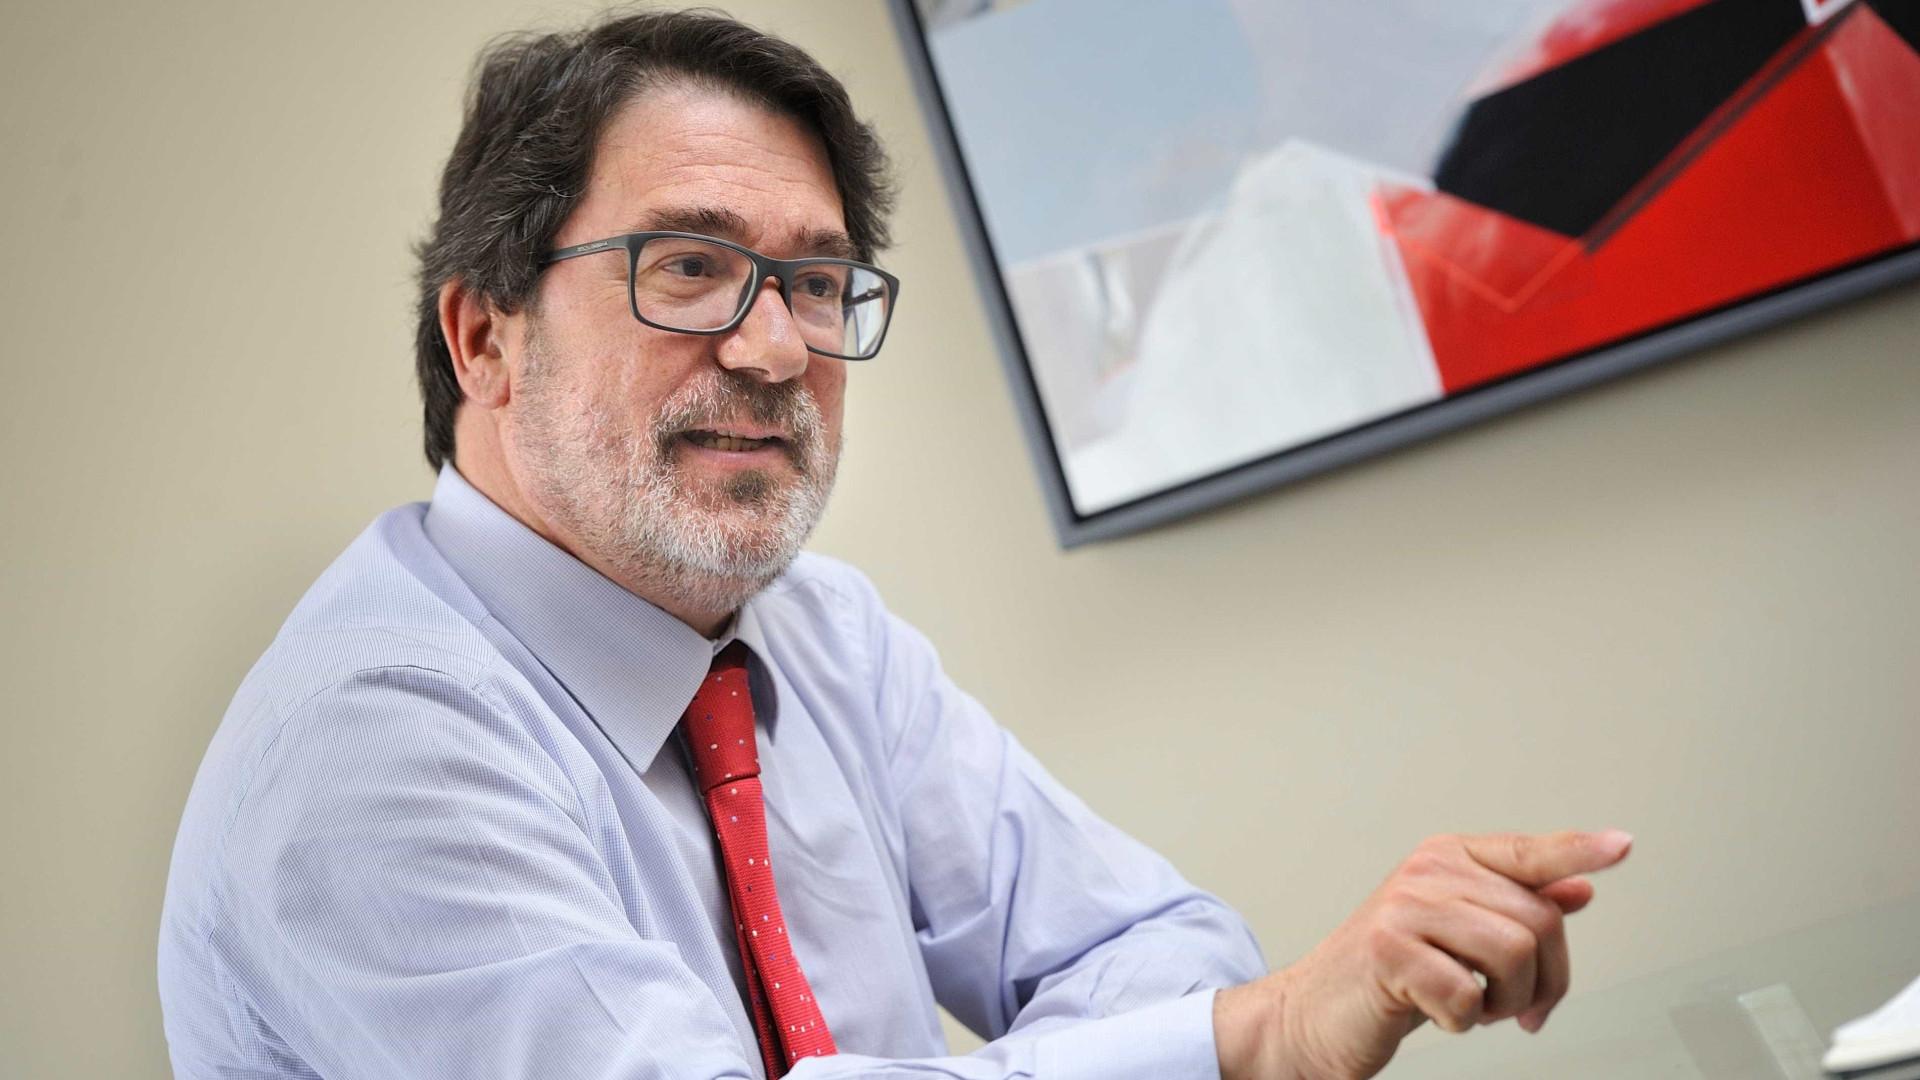 Bastonário dos advogados diz que custas judiciais ferem Estado de Direito